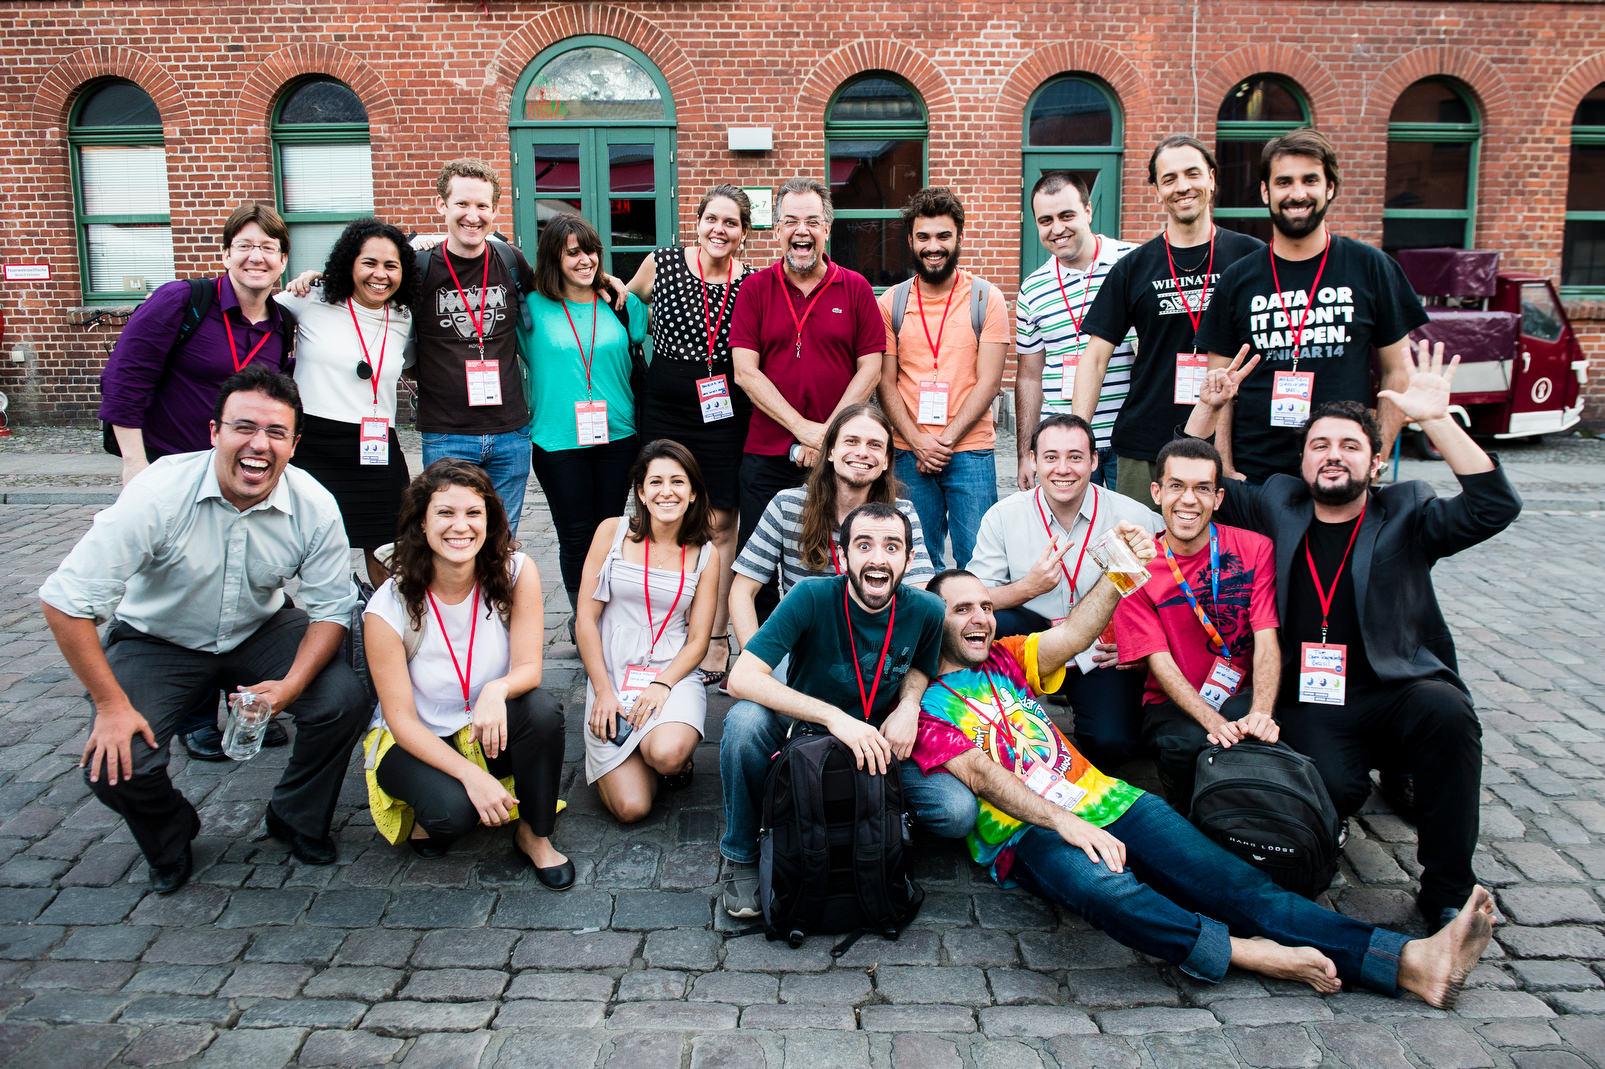 Brasileiros e brasileiras da comunidade da Open Knowledge Brasil durante o OKFest 2014.